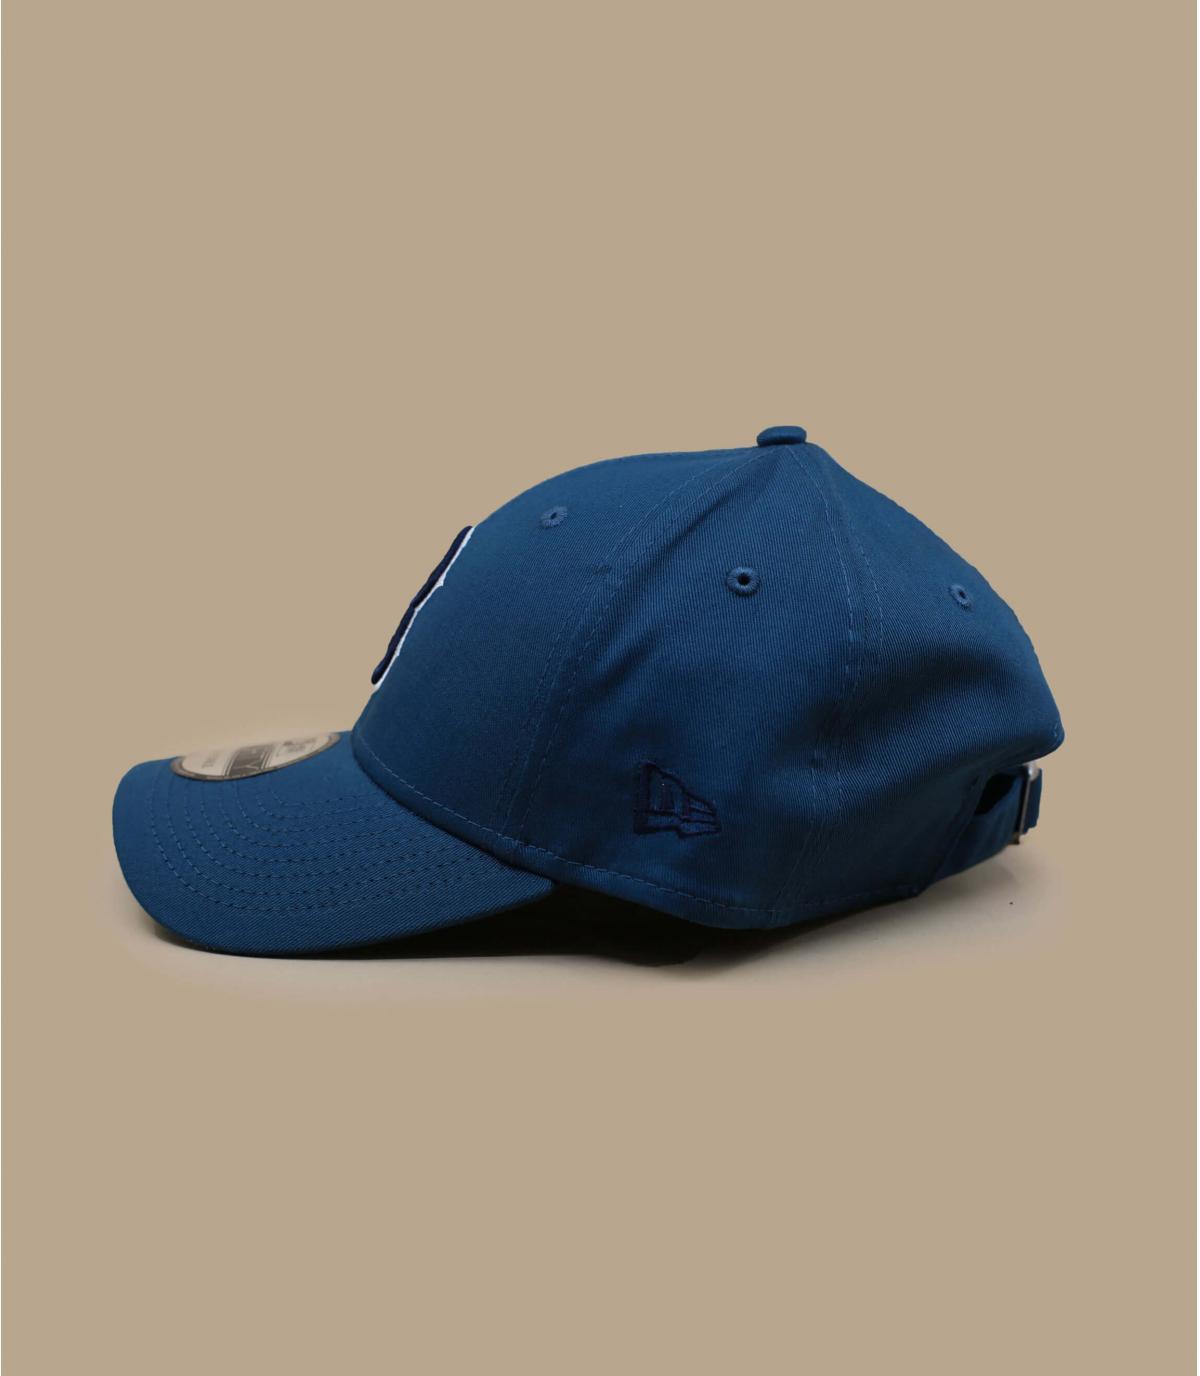 Details League Ess Boston 940 cadet blue navy - Abbildung 3